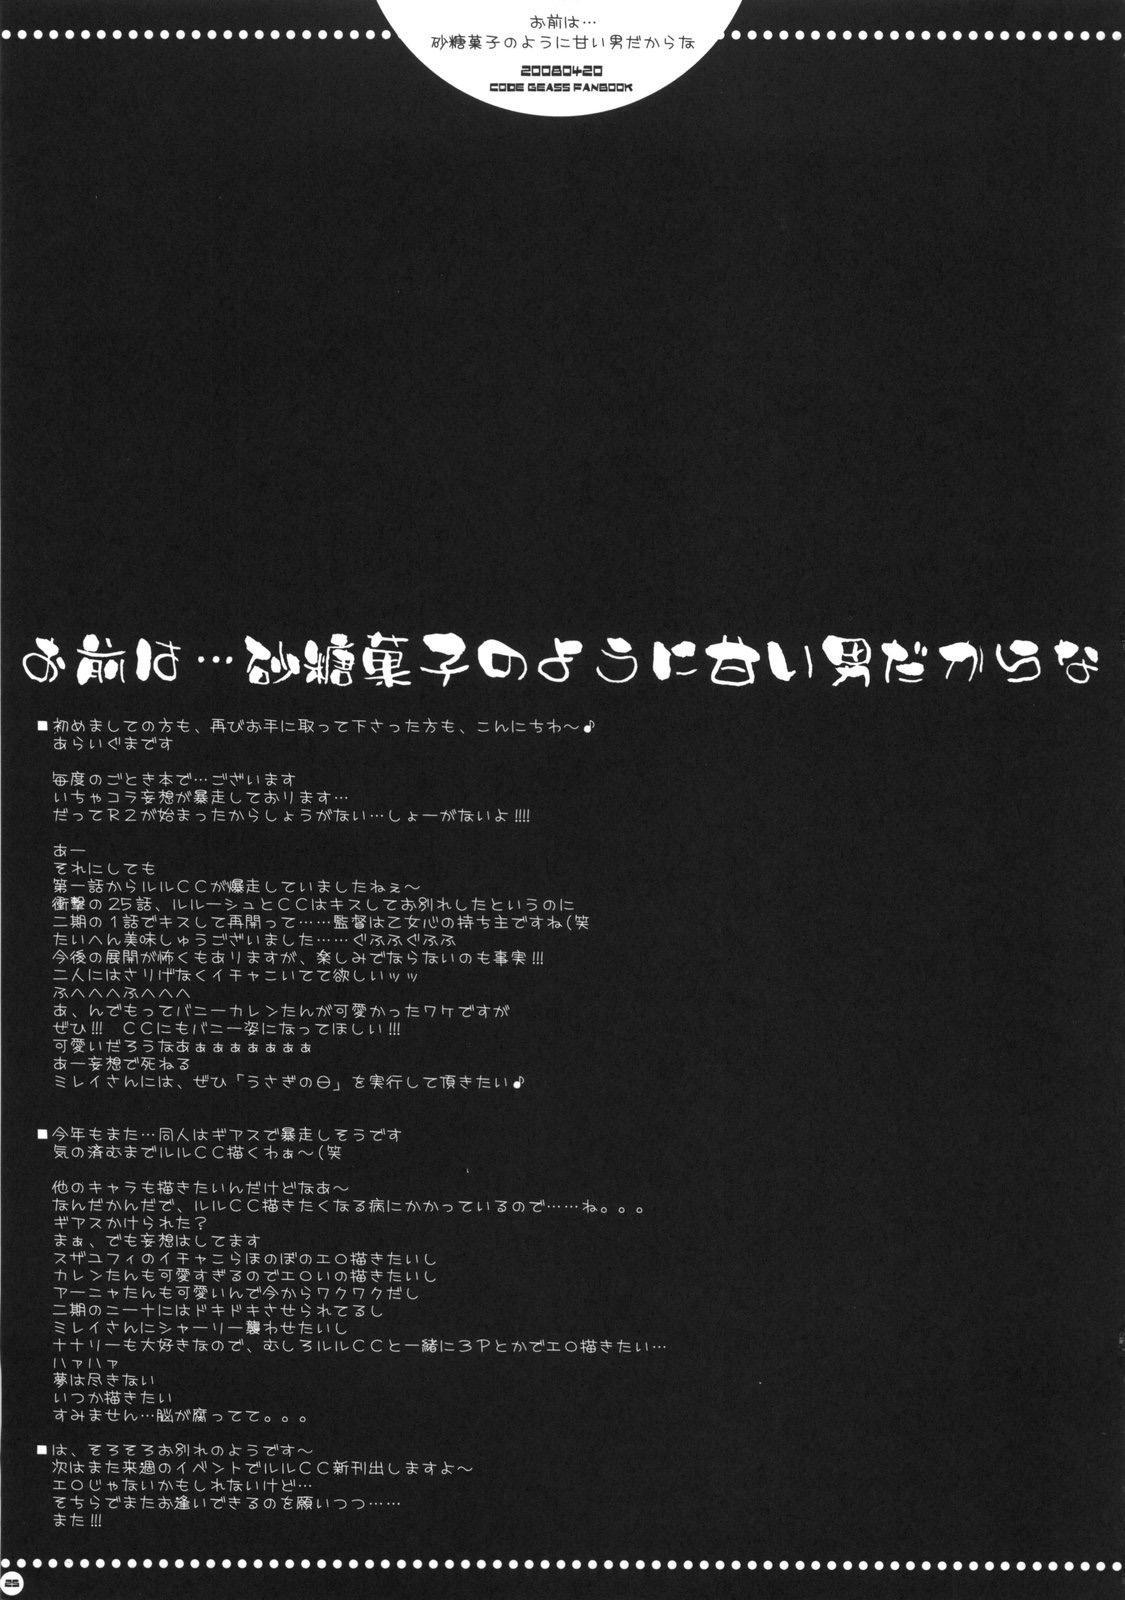 Omae wa... Satou Kashi no You ni Amai Otoko da Kara na 23